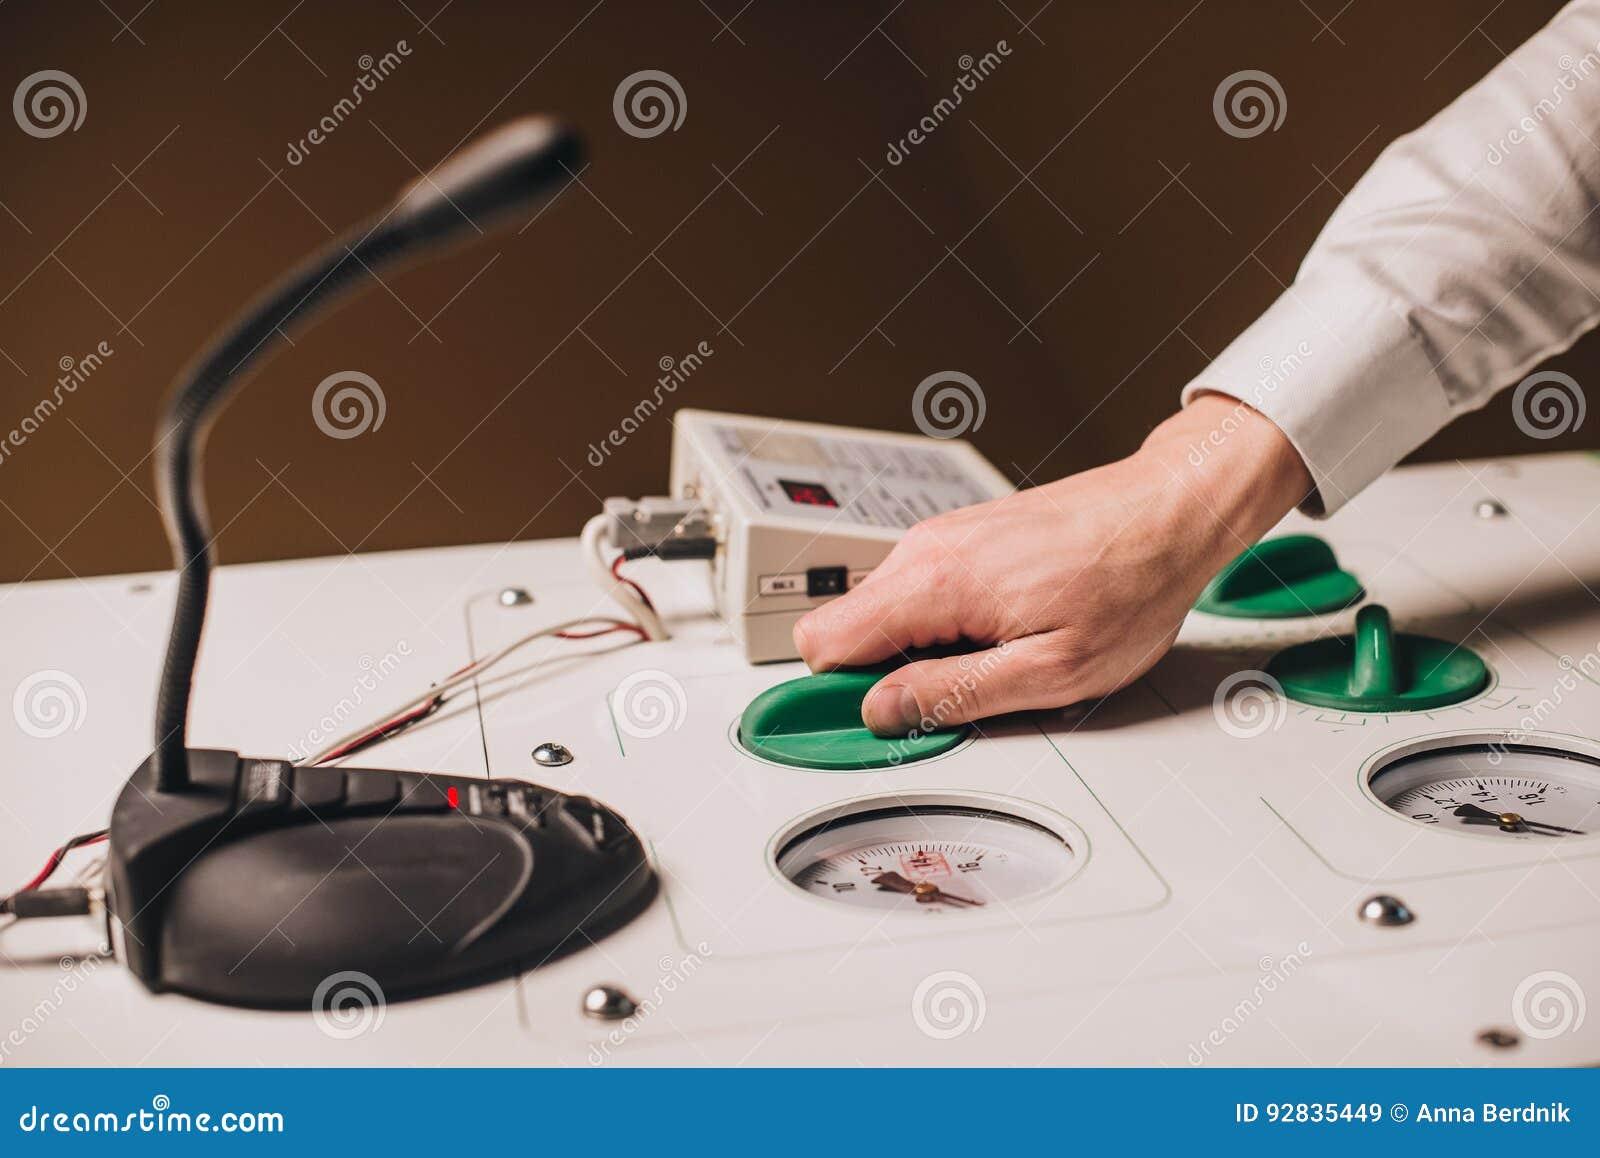 Ιατρικός εξοπλισμός καθιέρωσης χεριών